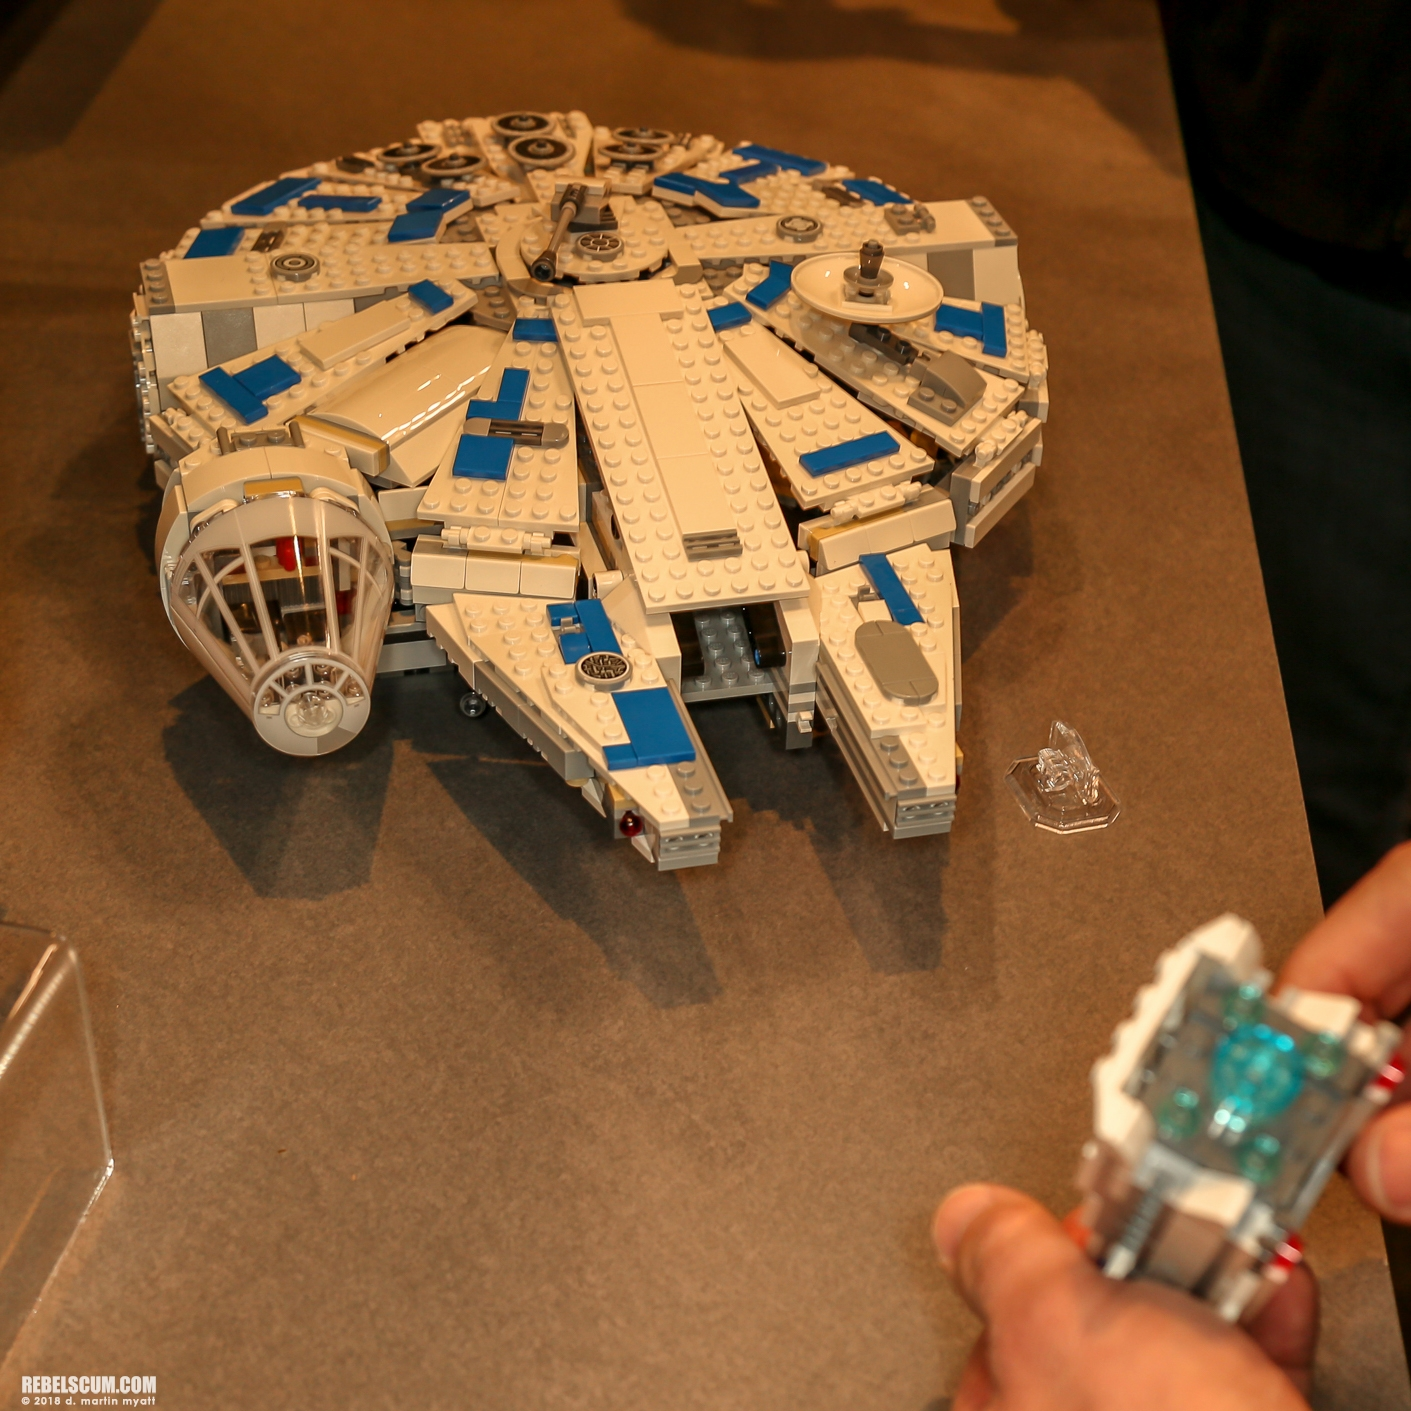 lego-2018-international-toy-far-star-wars-002.jpg